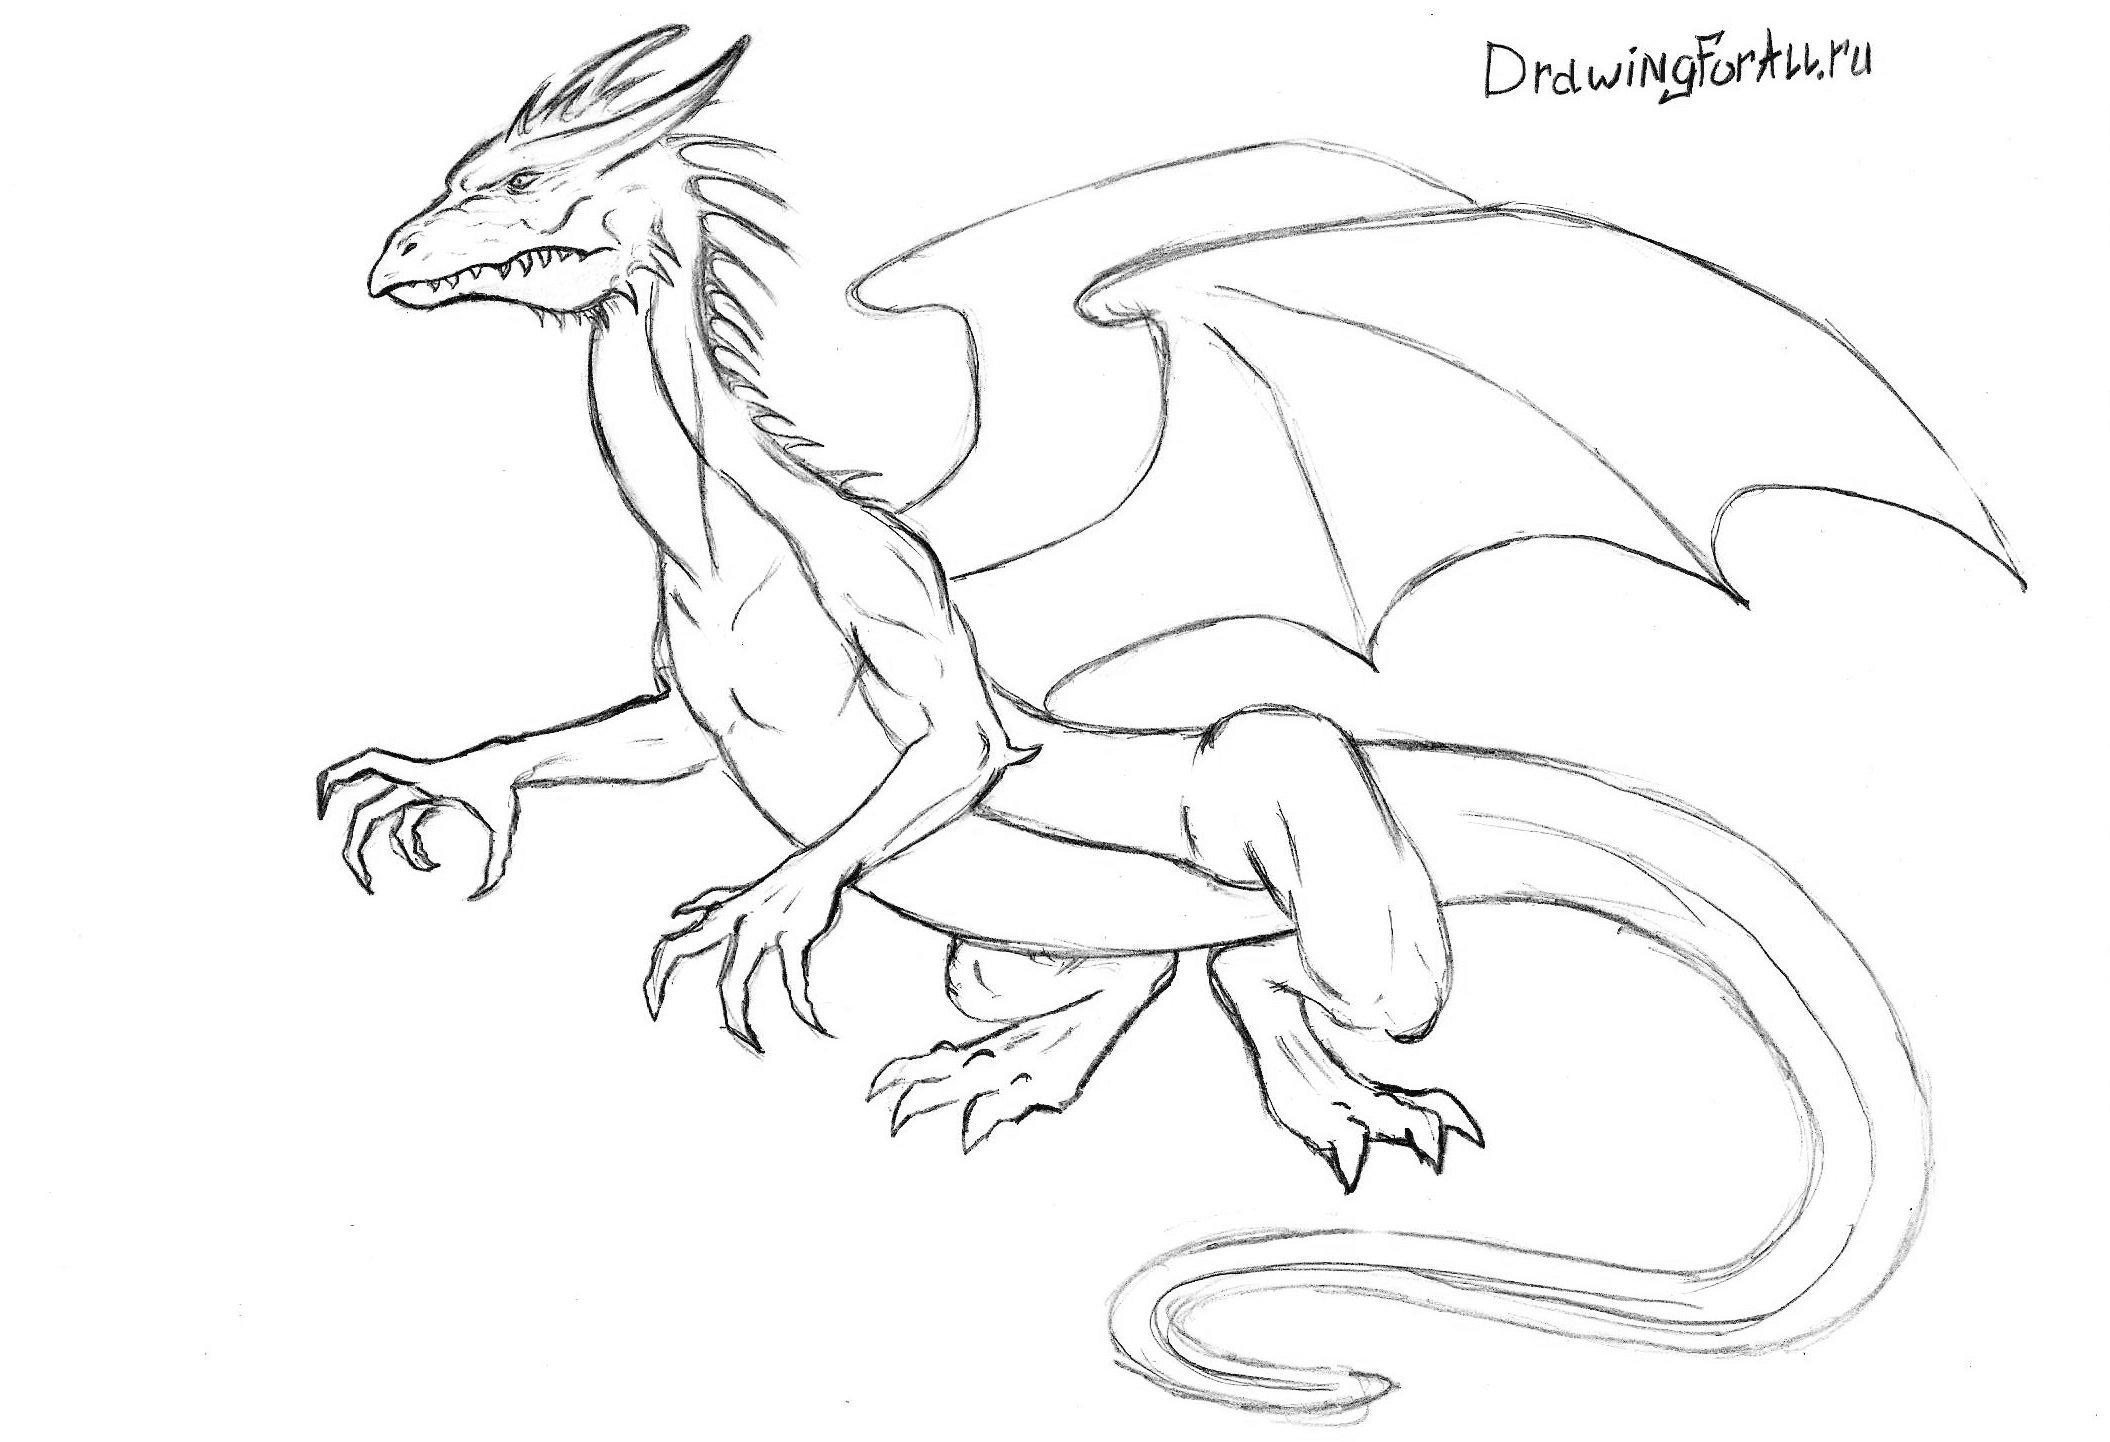 детализация туловища дракона